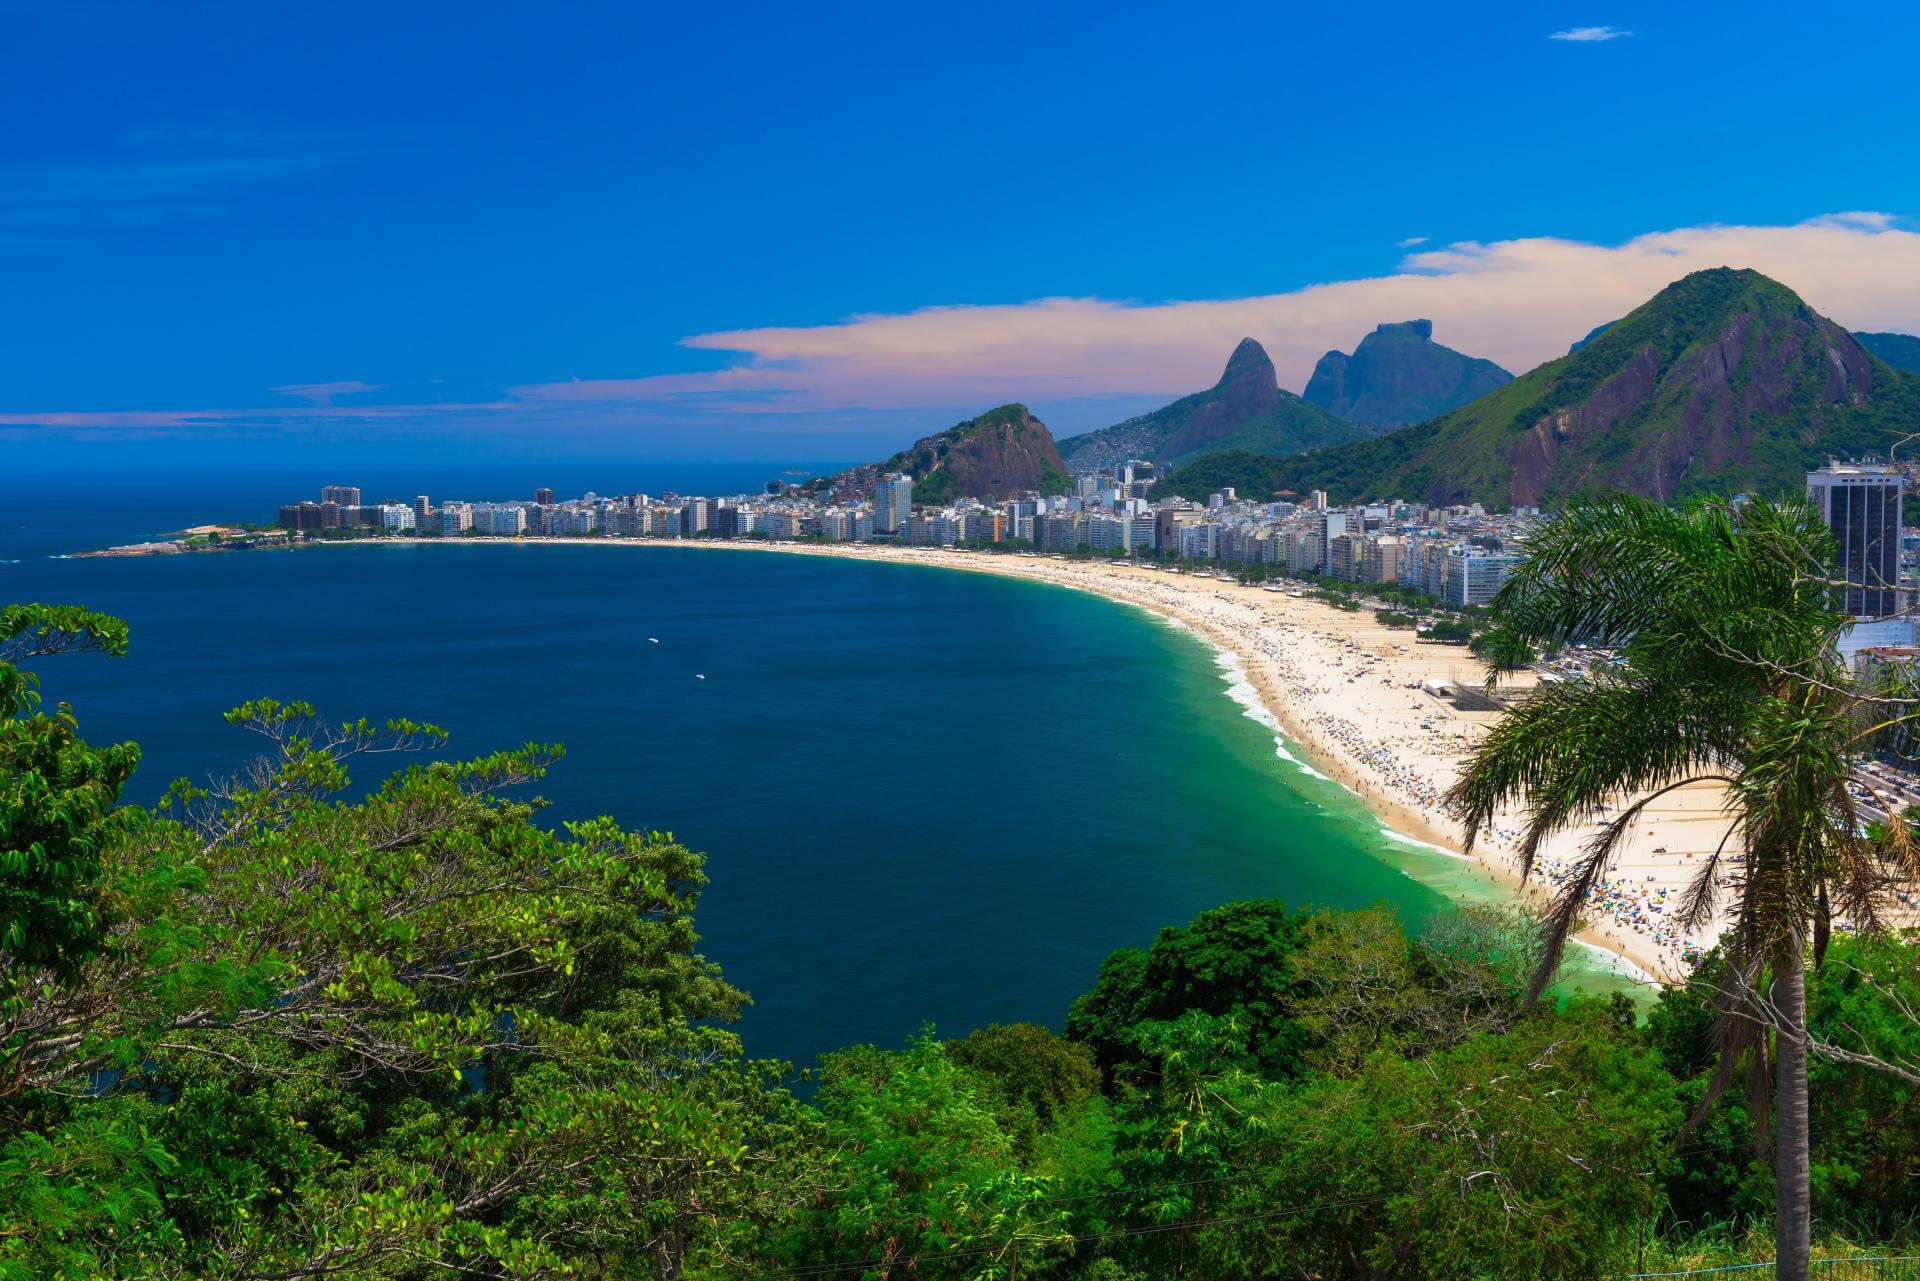 Rio ist ein Highlight in Brasilien